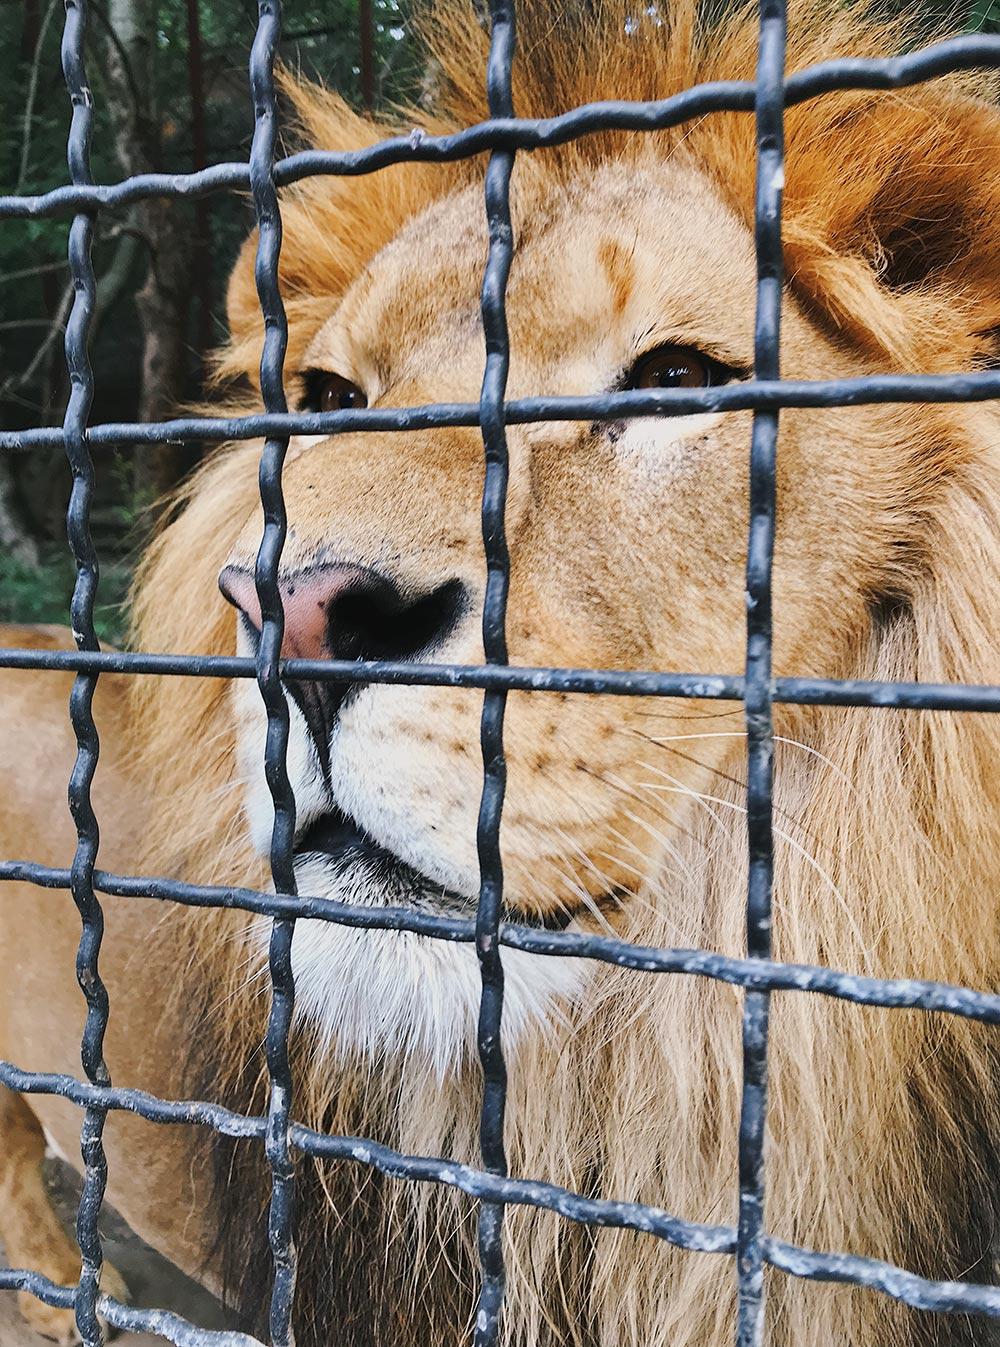 Лев стоял в метре от меня и смотрел прямо в глаза. Нас разделяла только решетка